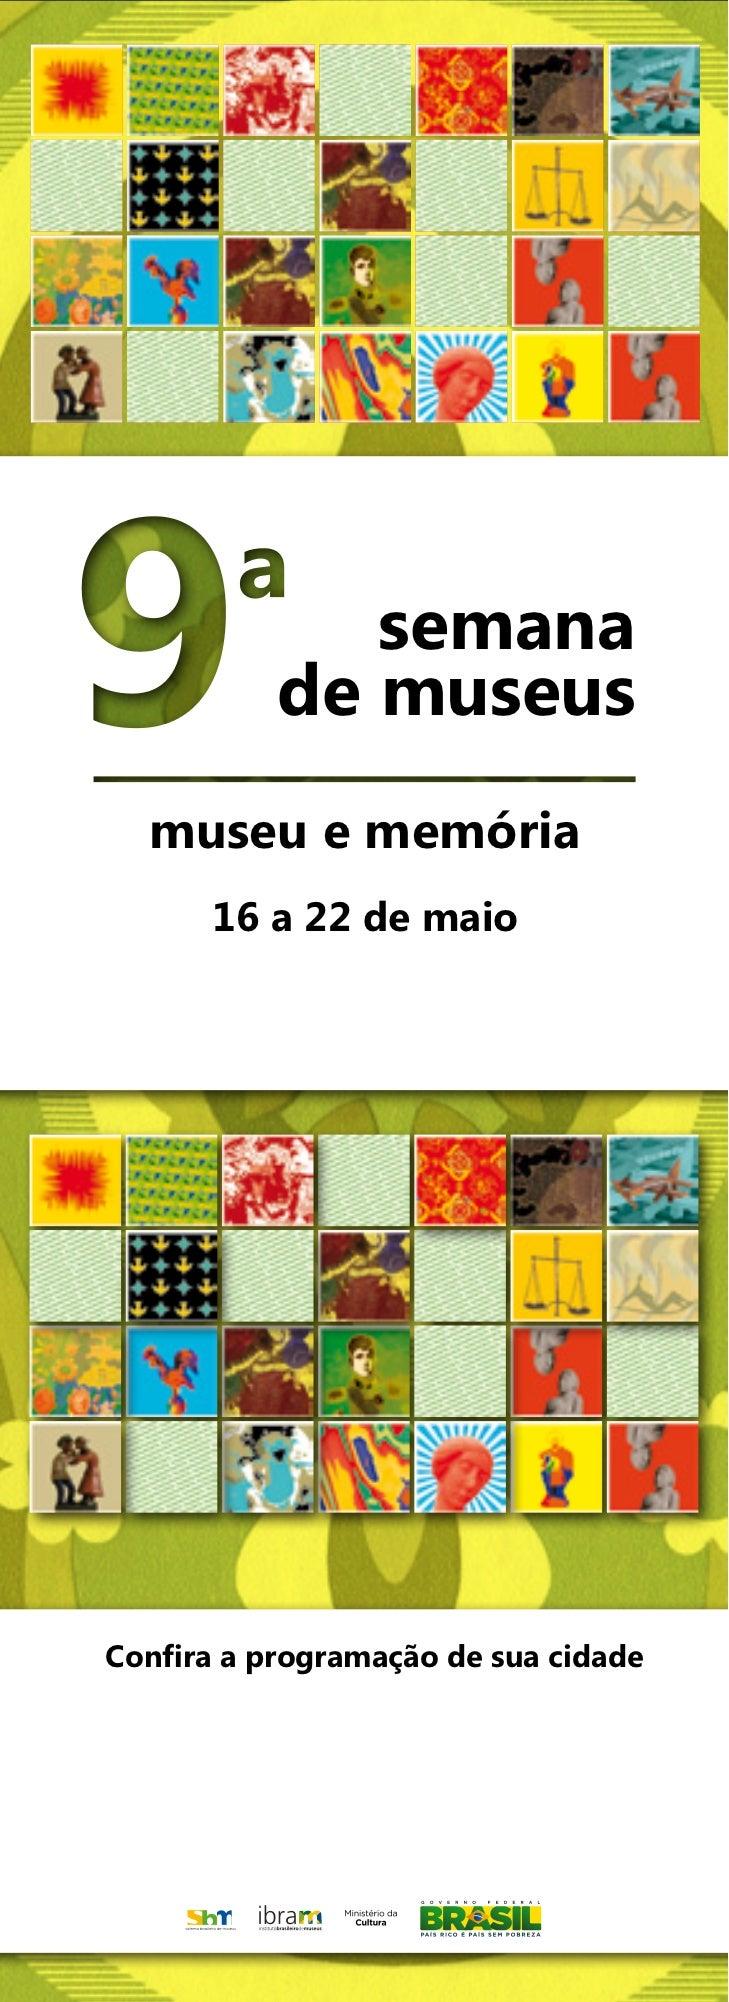 semana           de museus  museu e memória      16 a 22 de maioConfira a programação de sua cidade